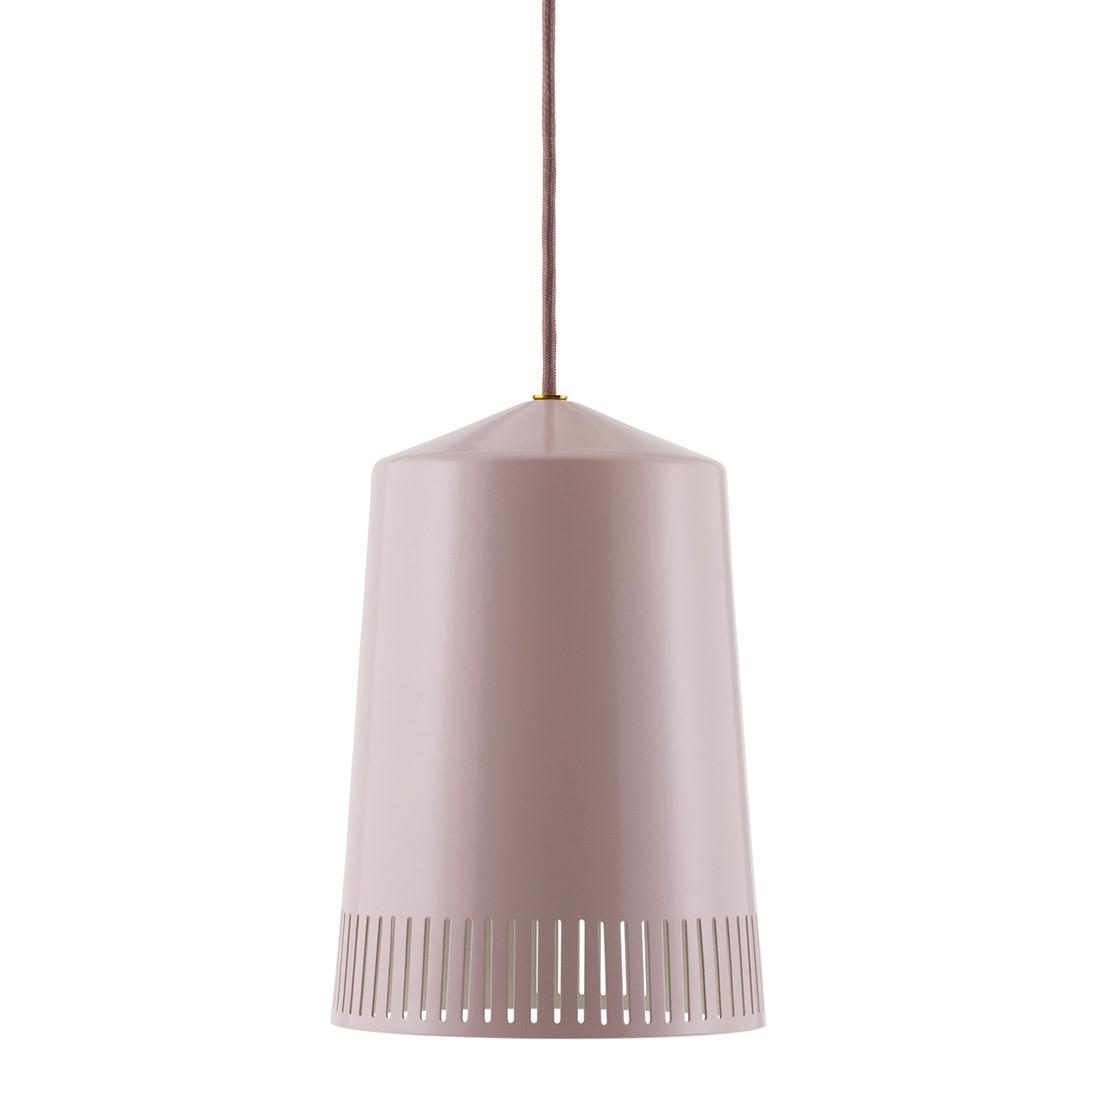 Tivoli designová závěsná svítidla Toli Lamp Small